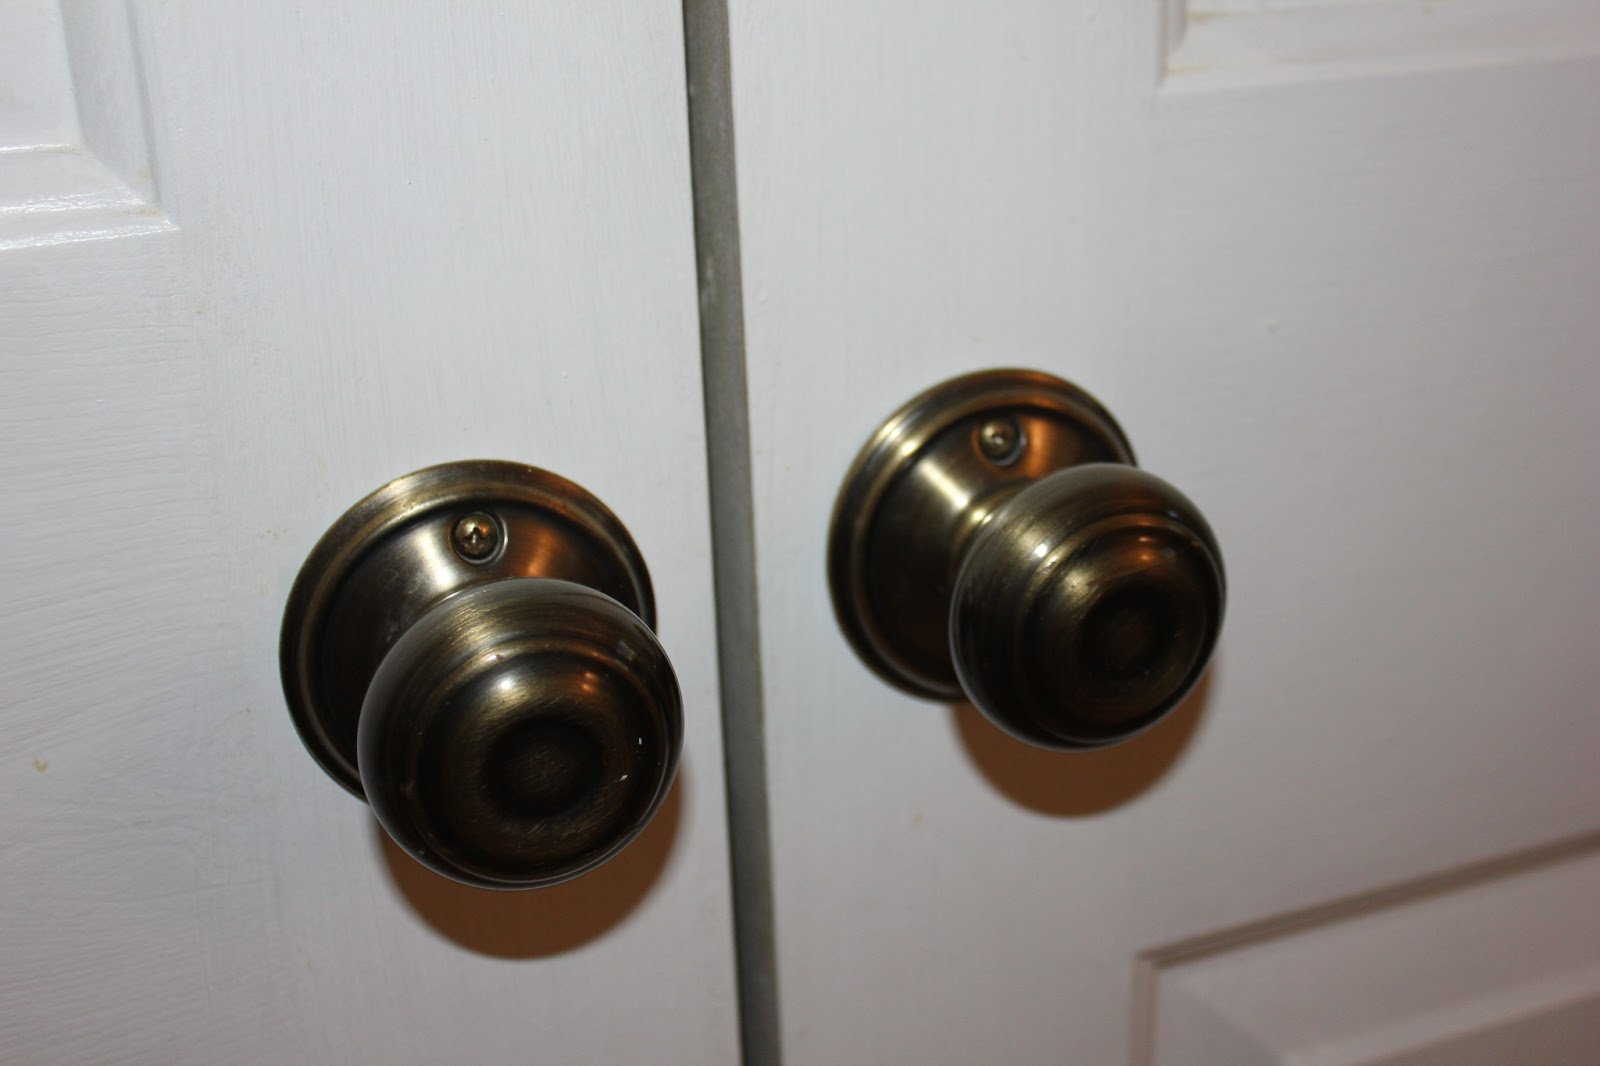 interior door knobs photo - 15